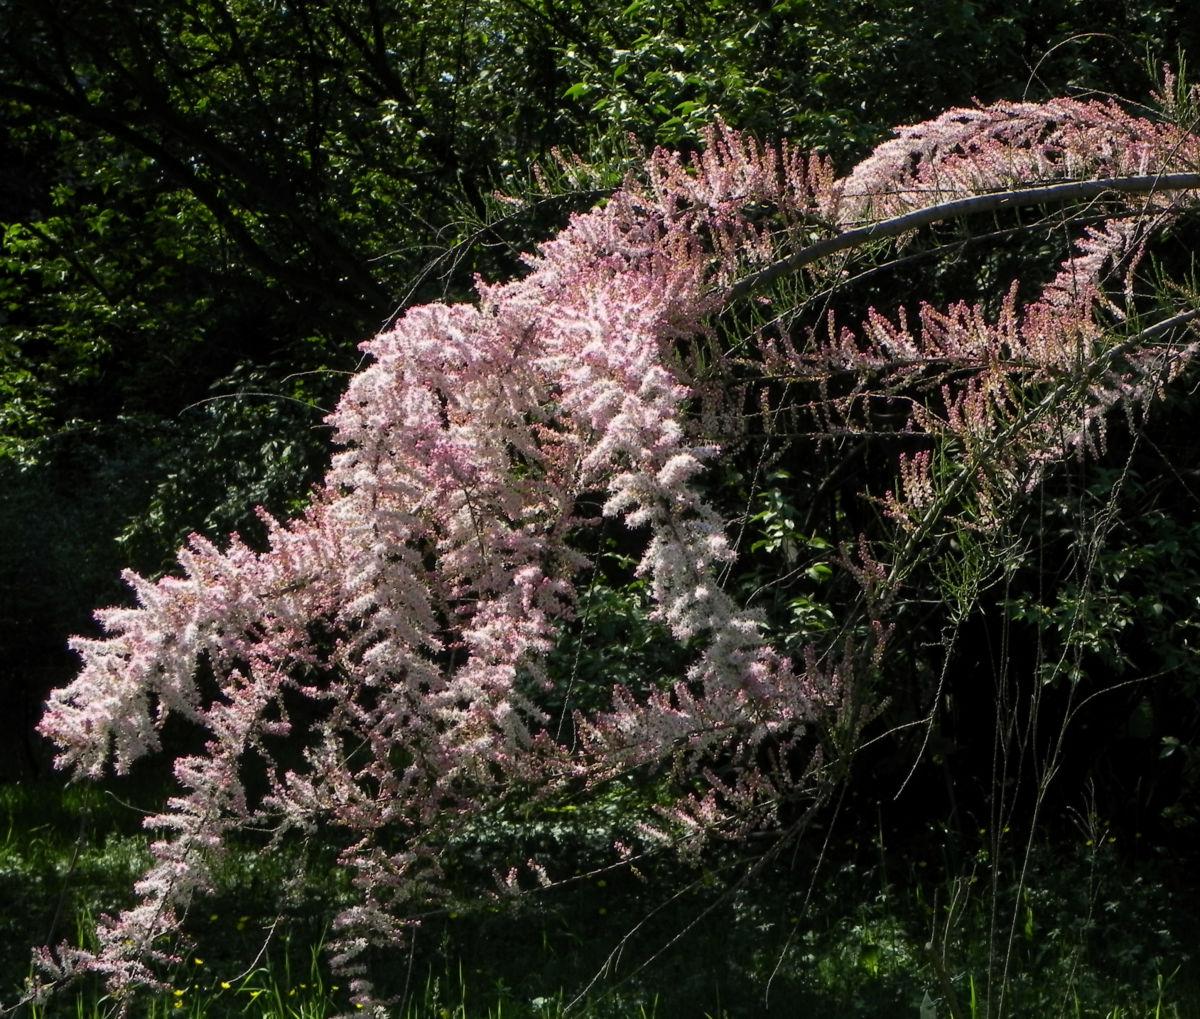 Kleinbluetige Tamariske Strauch Bluete pink Tamarix parviflora